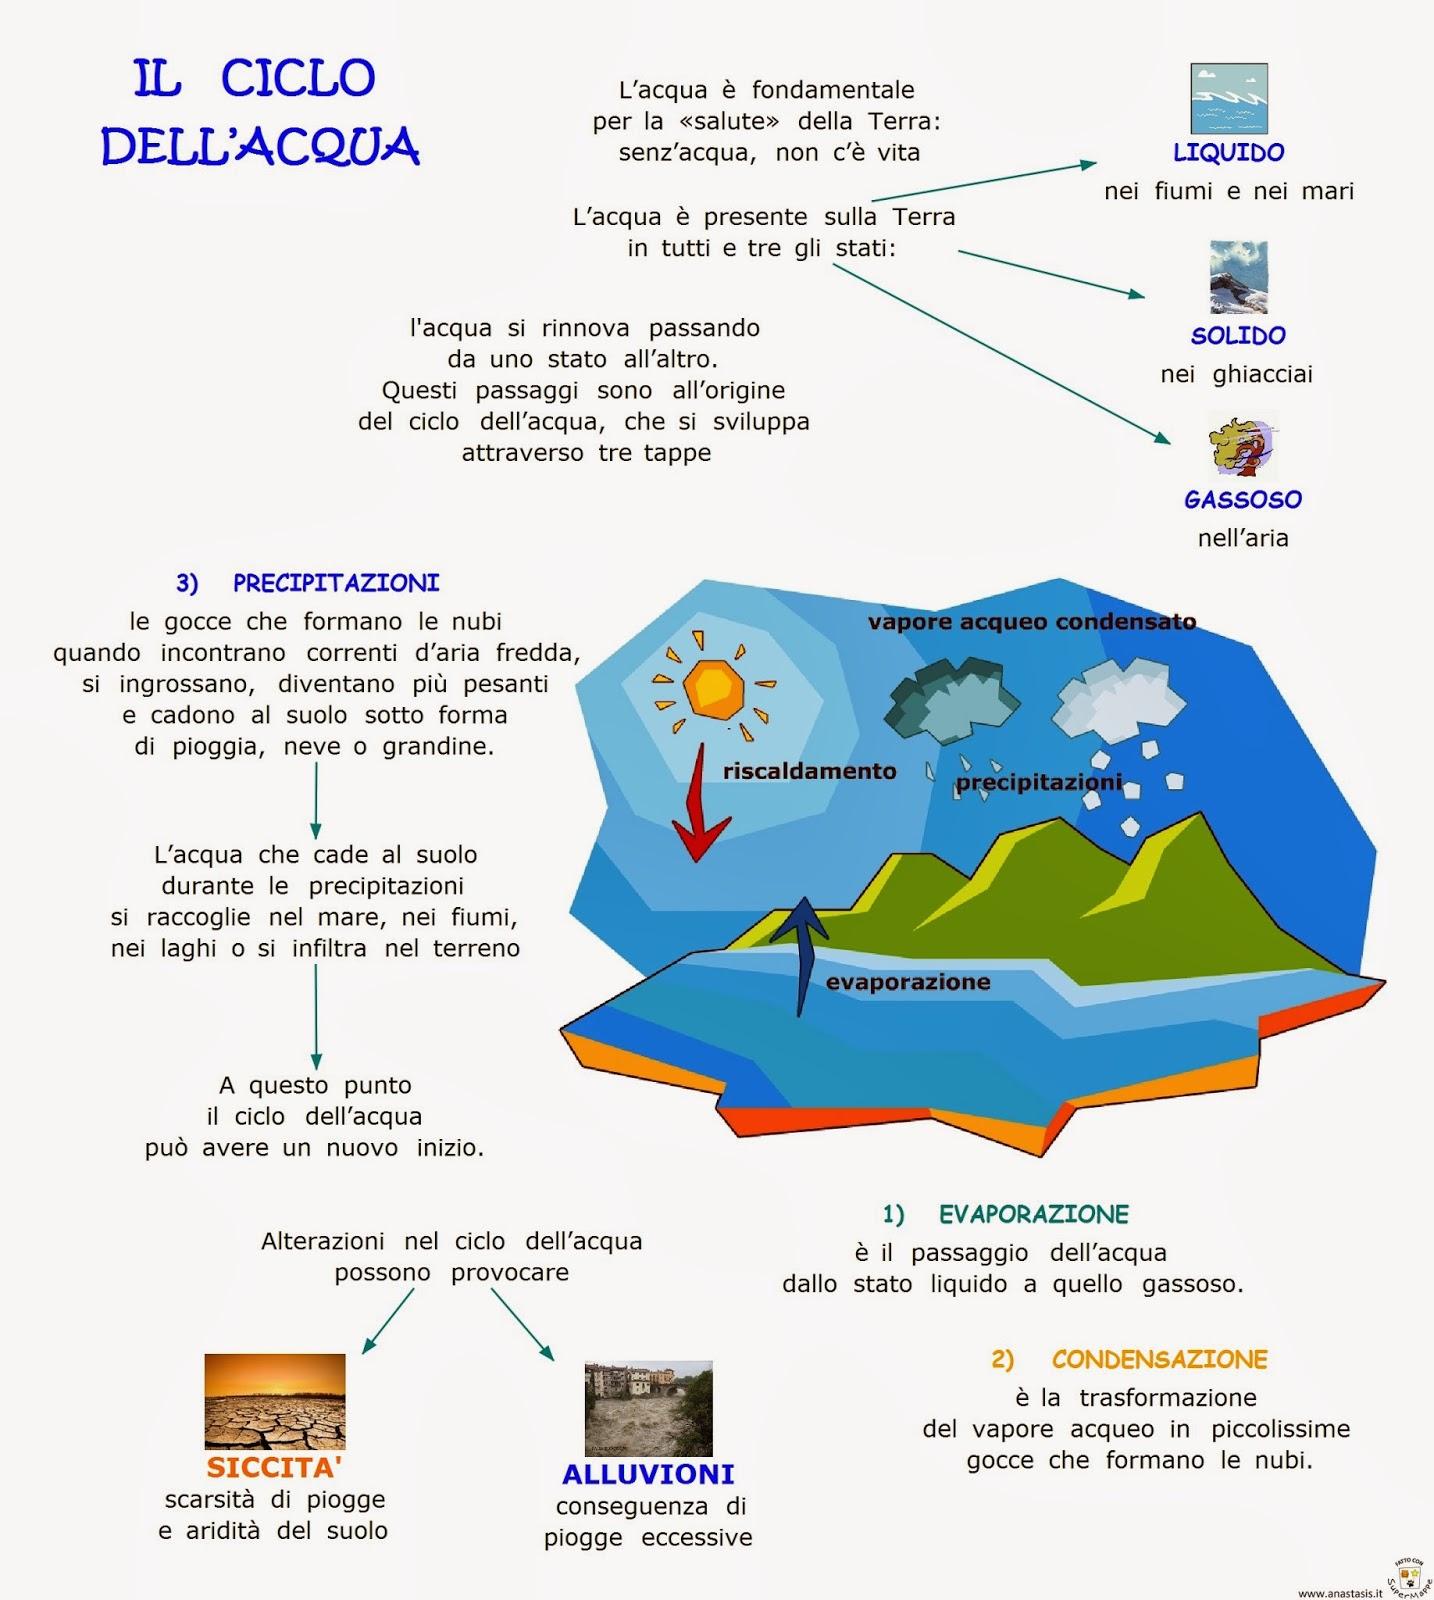 Eccezionale Paradiso delle mappe: Il ciclo dell'acqua CF16